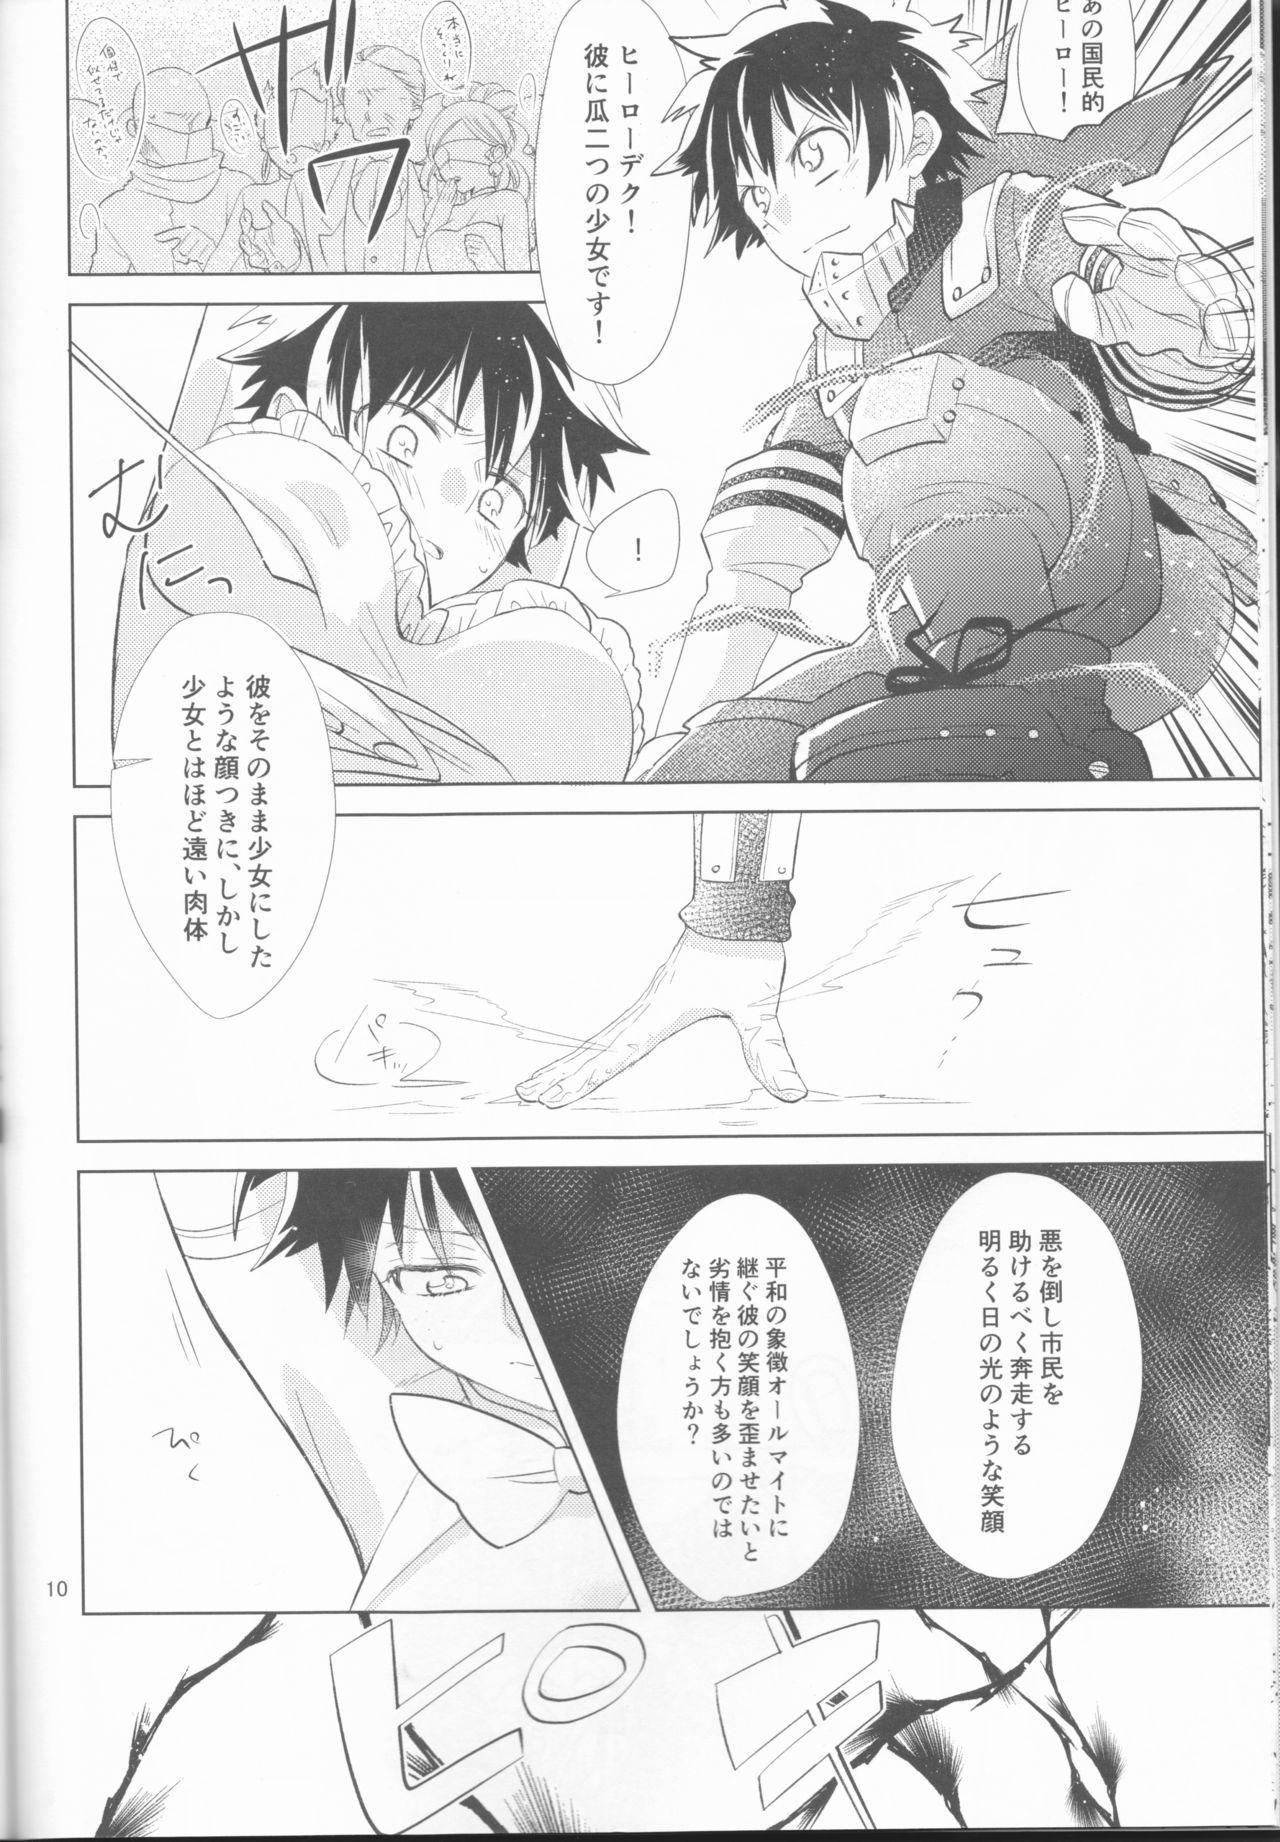 Sangatsu Usagi no Himegoto 10